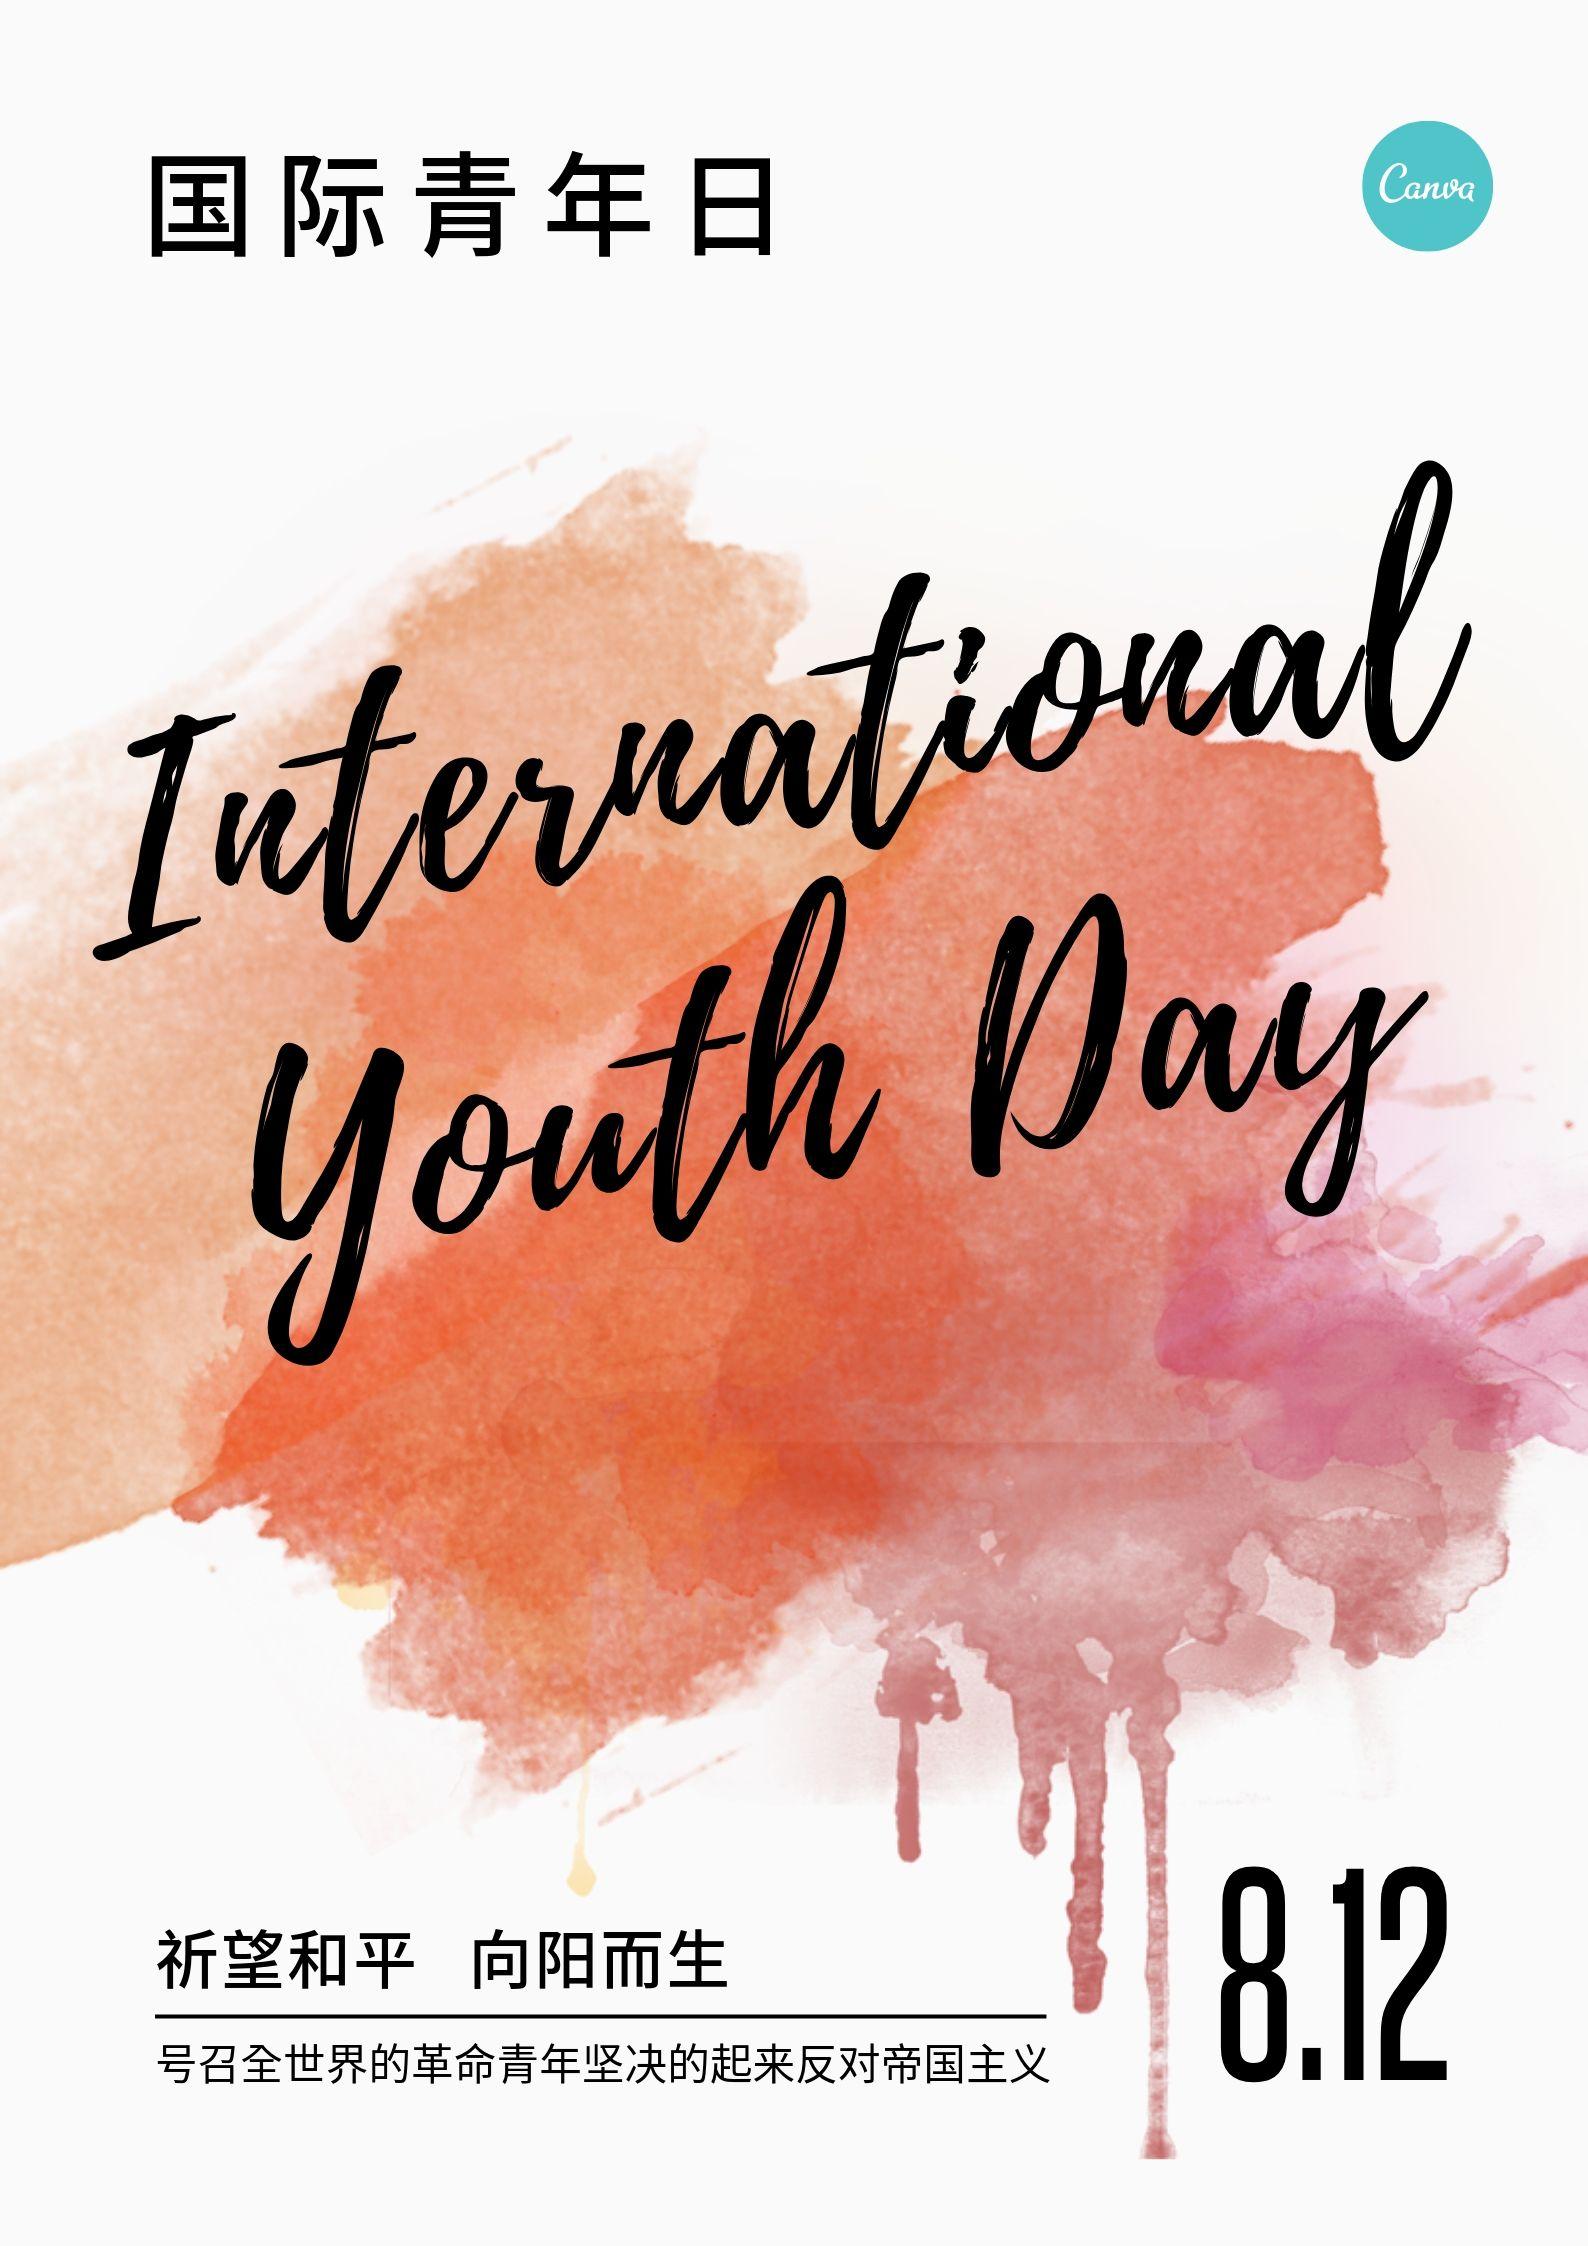 国际青年日海报